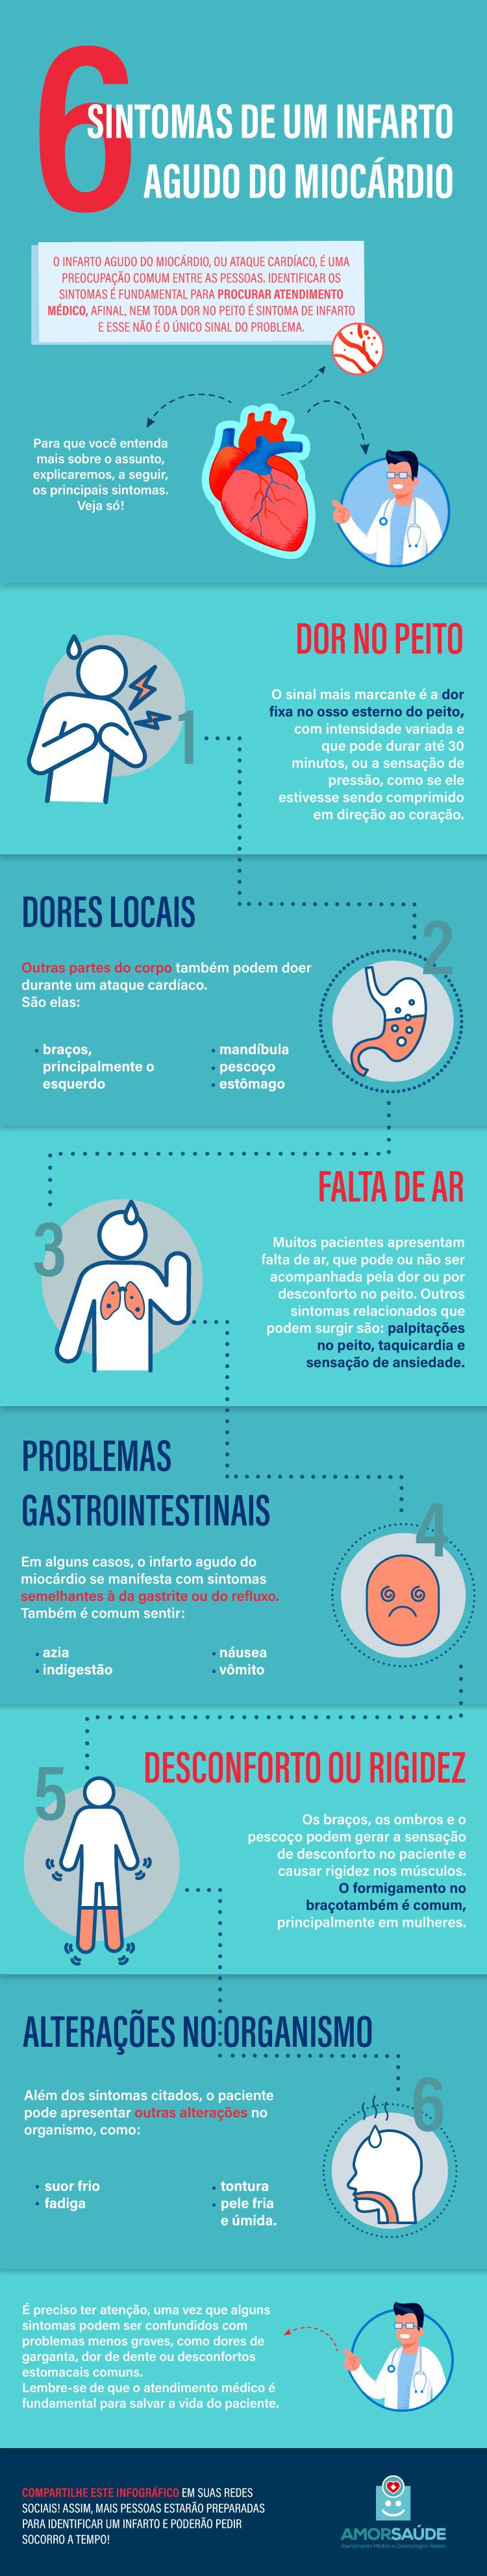 6 sintomas de um infarto agudo do miocárdio